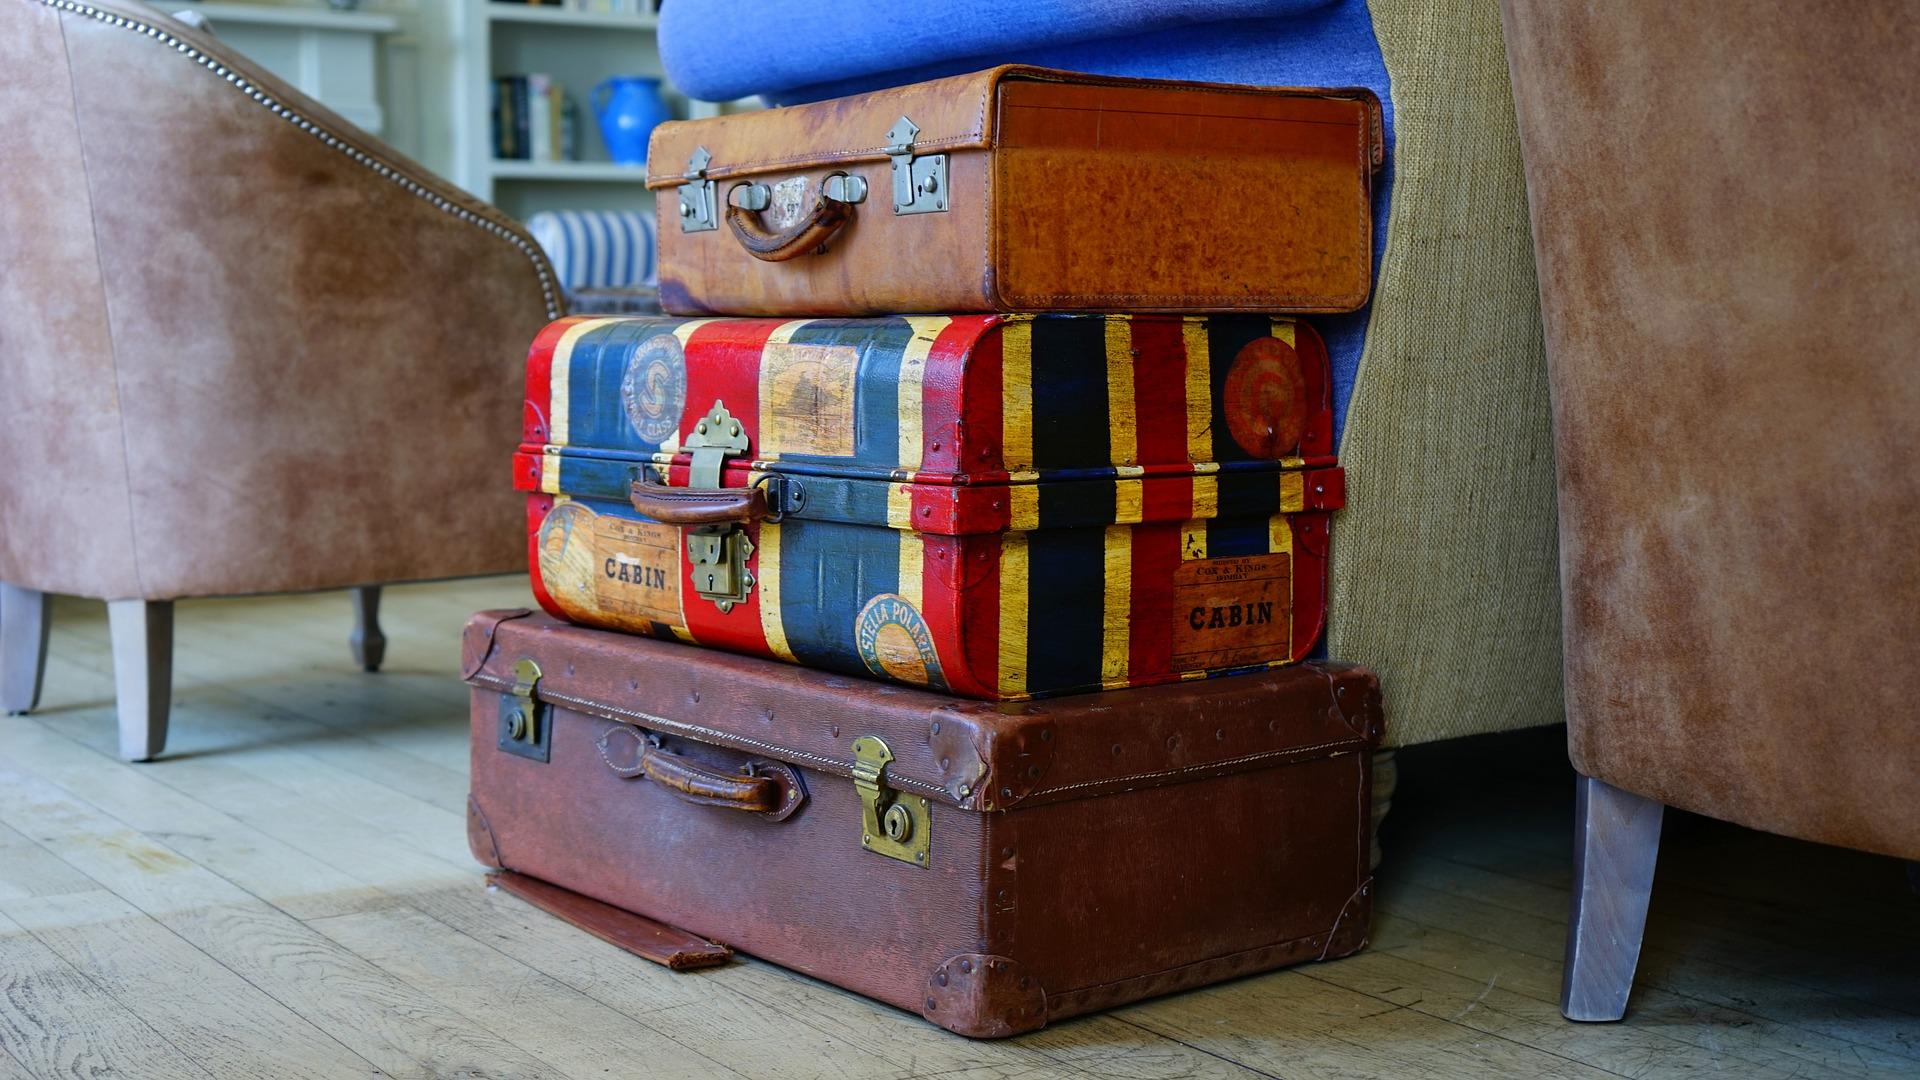 Il bagaglio del rientro